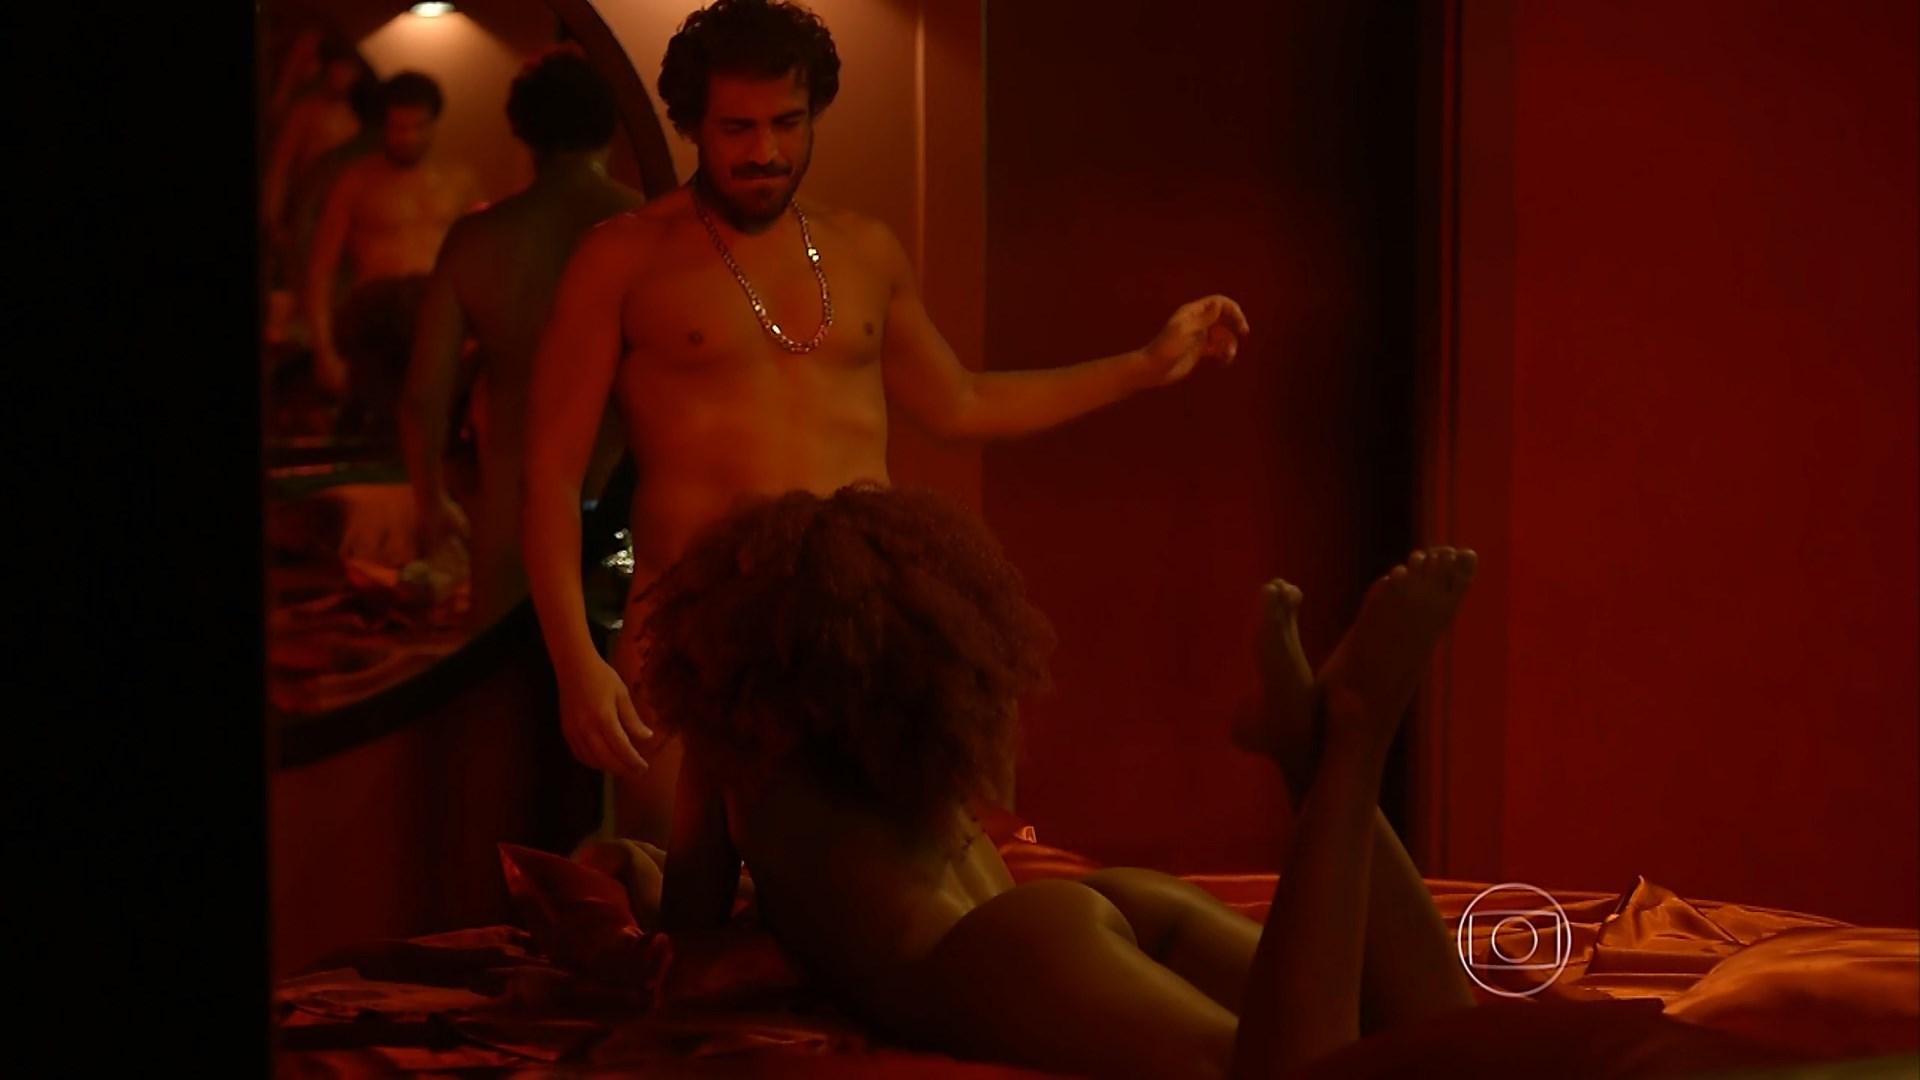 Maria Bia nude - Sexo E As Negas s01e02 (2014) 1080p